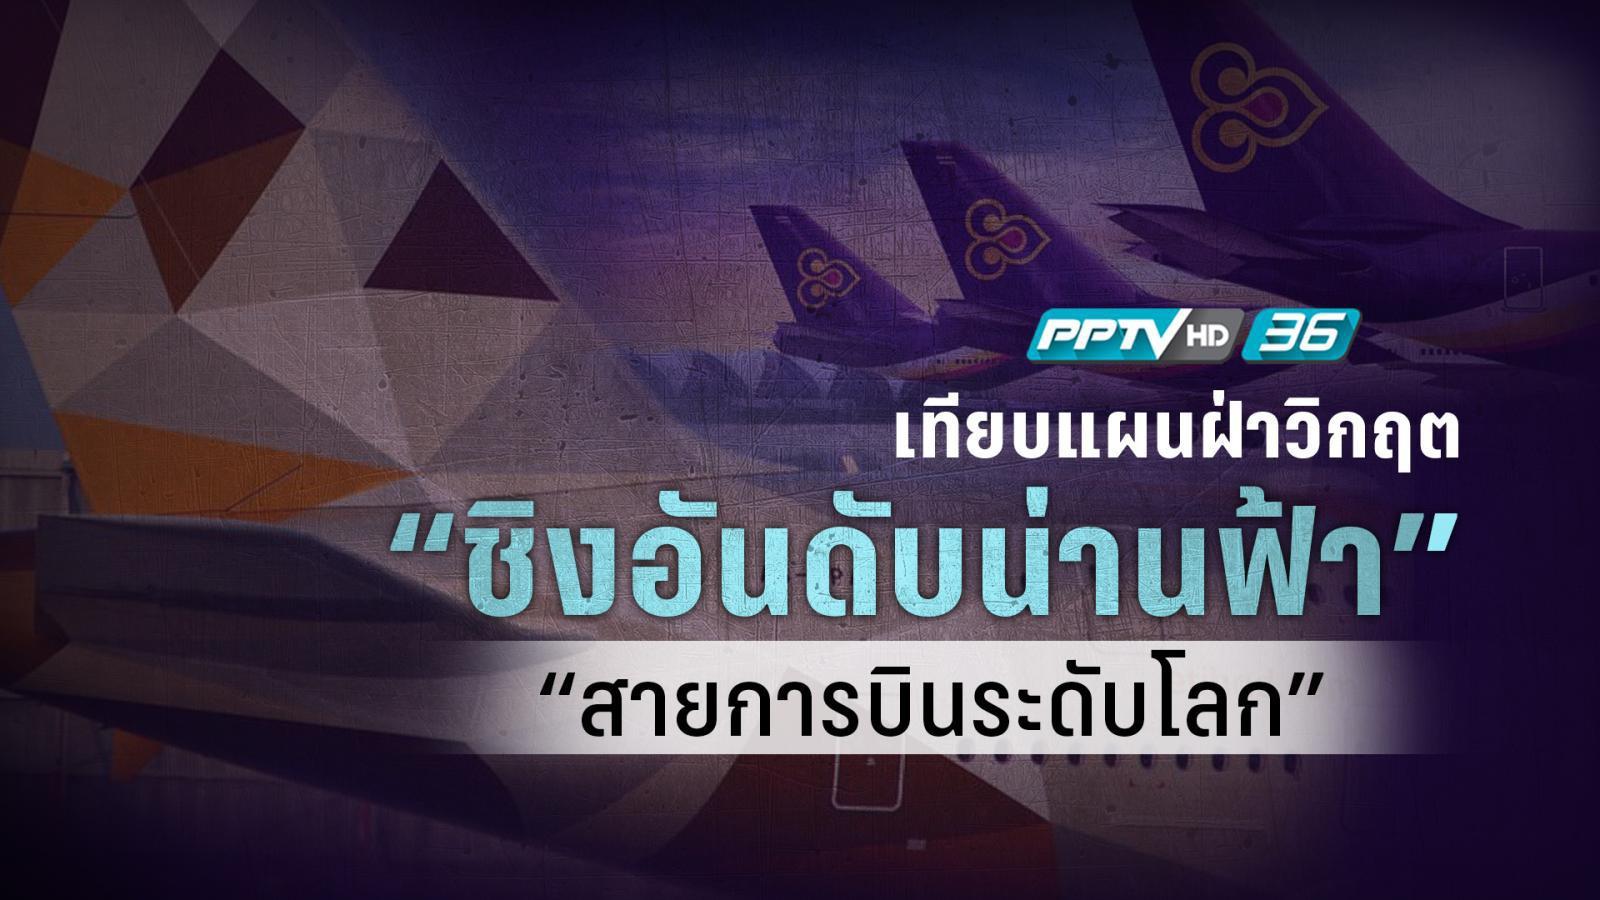 2 แนวทางที่แตกต่างของ 2 สายการบินระดับชาติดิ้นหนีวิกฤตขาดทุน